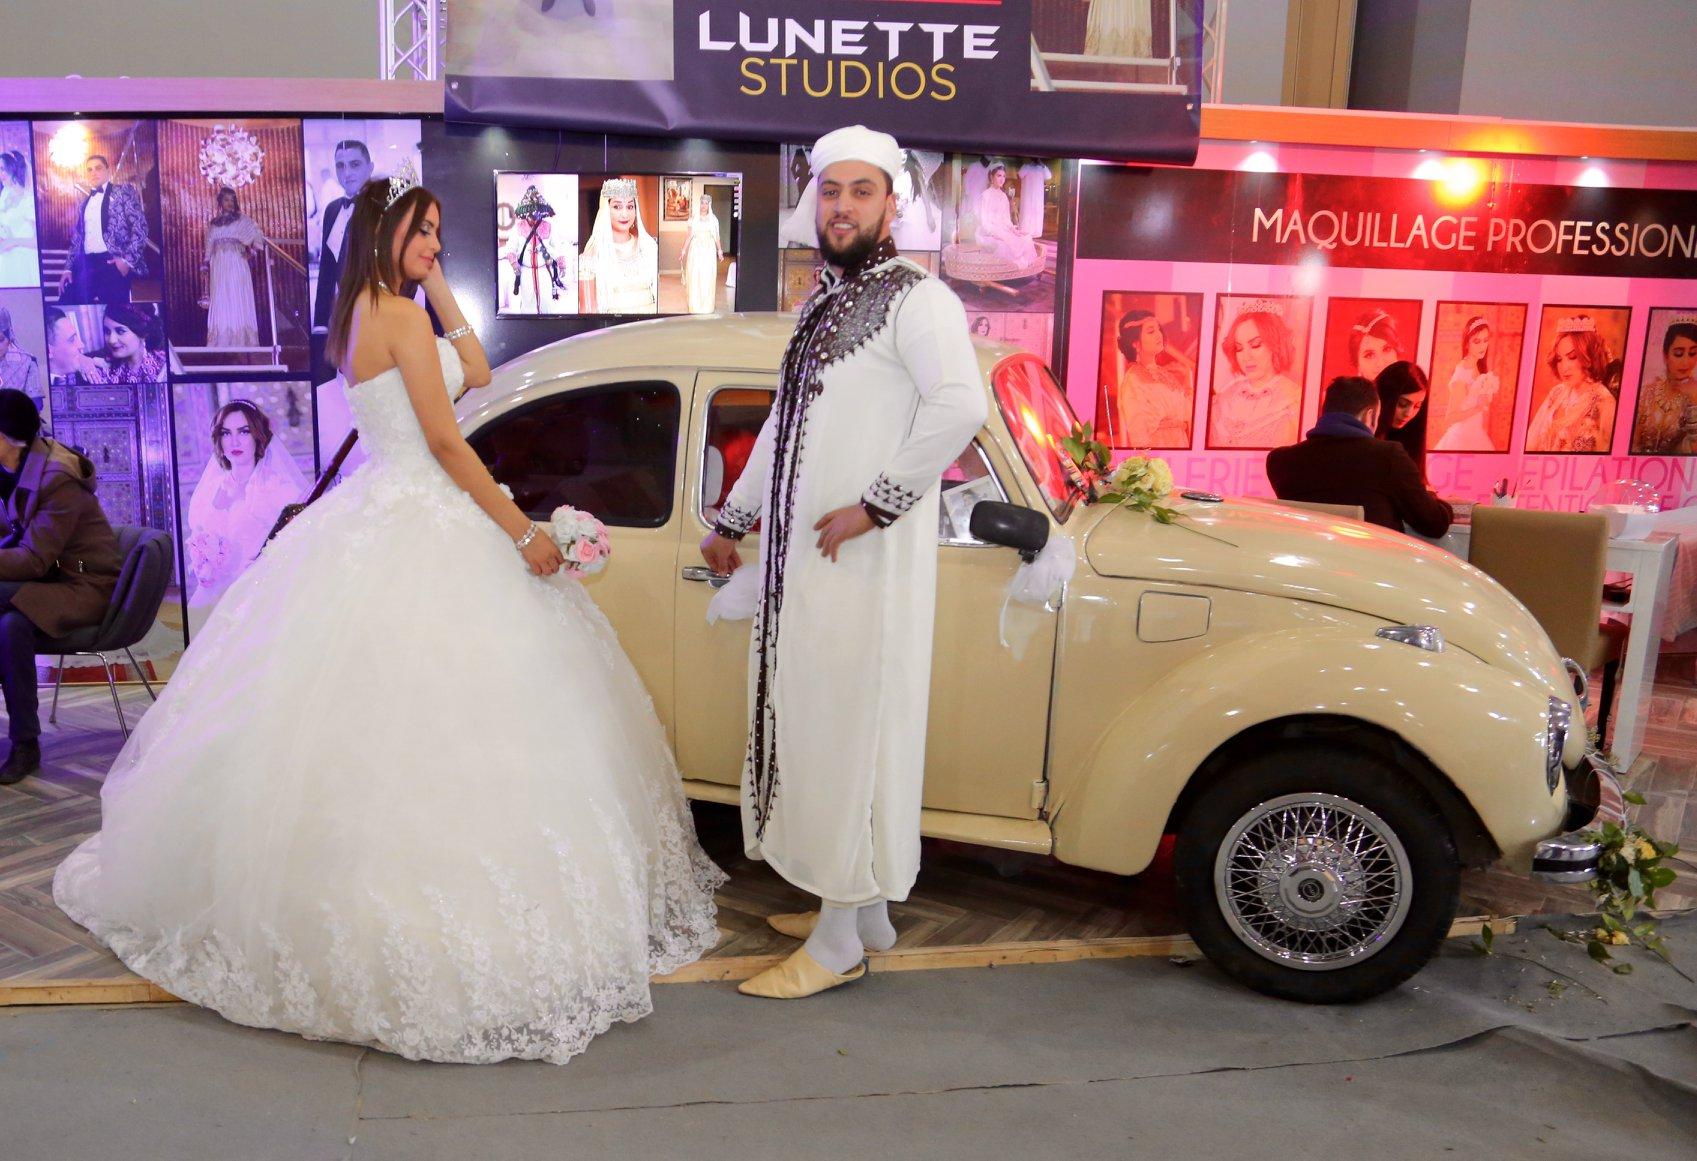 Lunette Studios, photographe cameramen , Oran, Oran - 3ersi.com